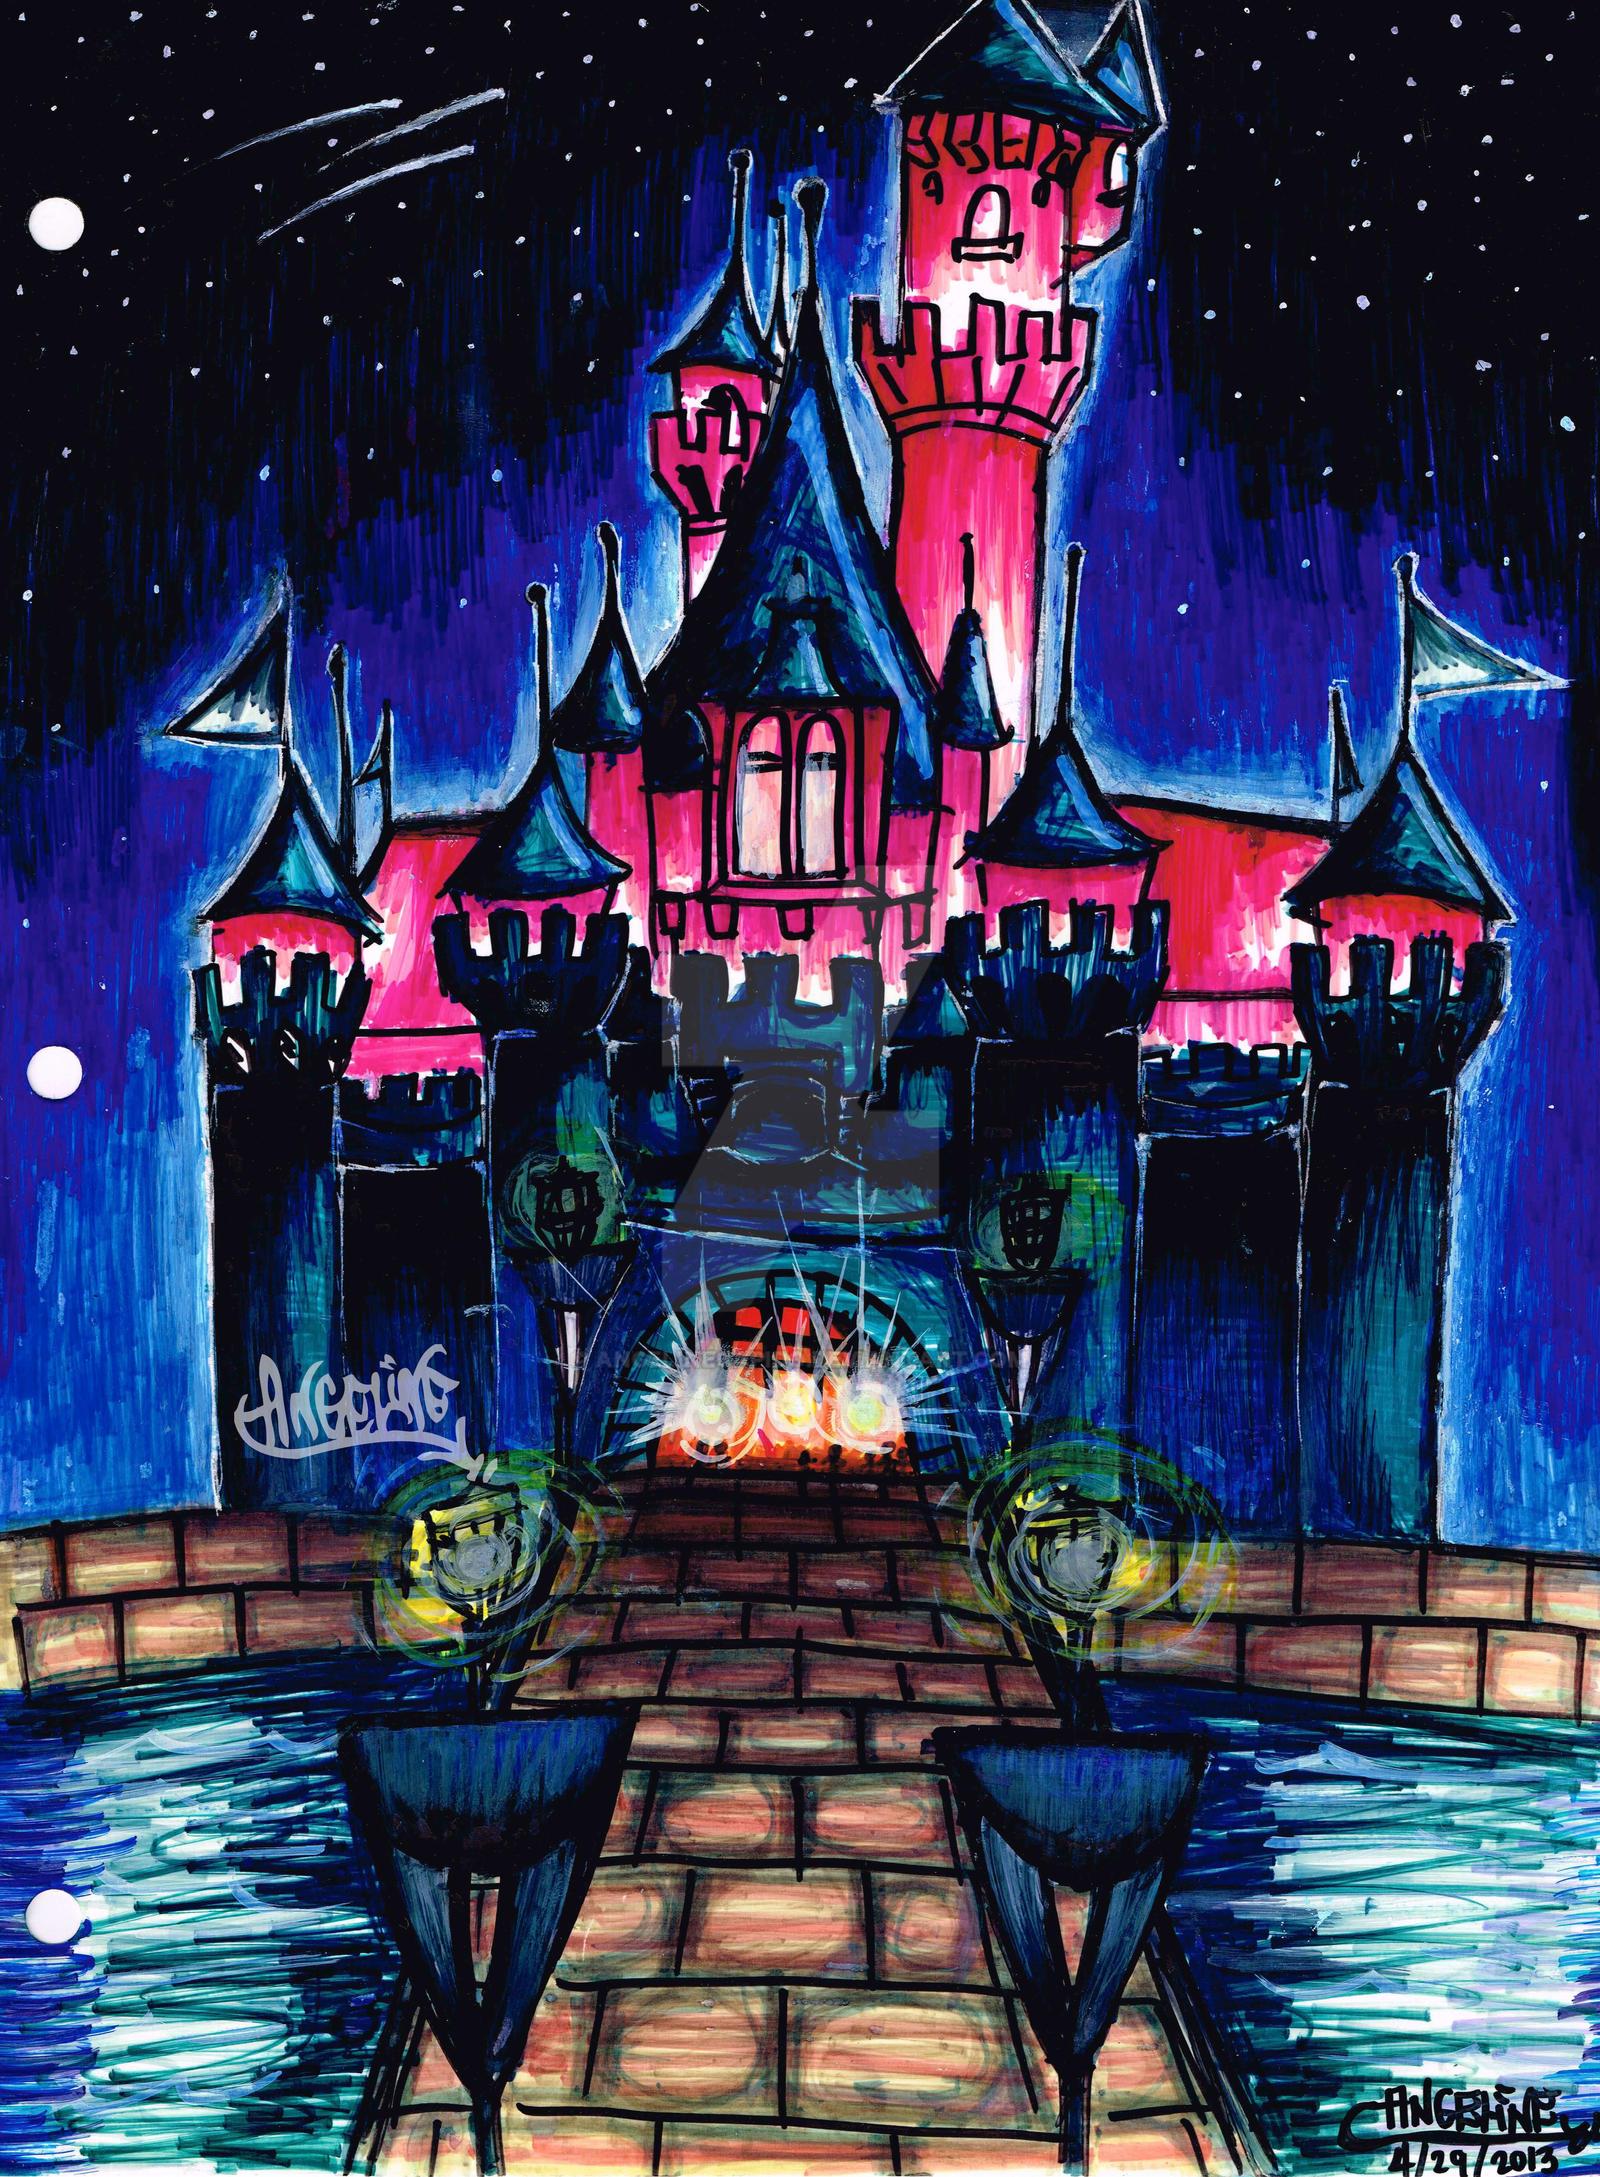 Le chateau de la belle au bois dormant by angelinegapido on deviantart - Chateau la belle au bois dormant ...